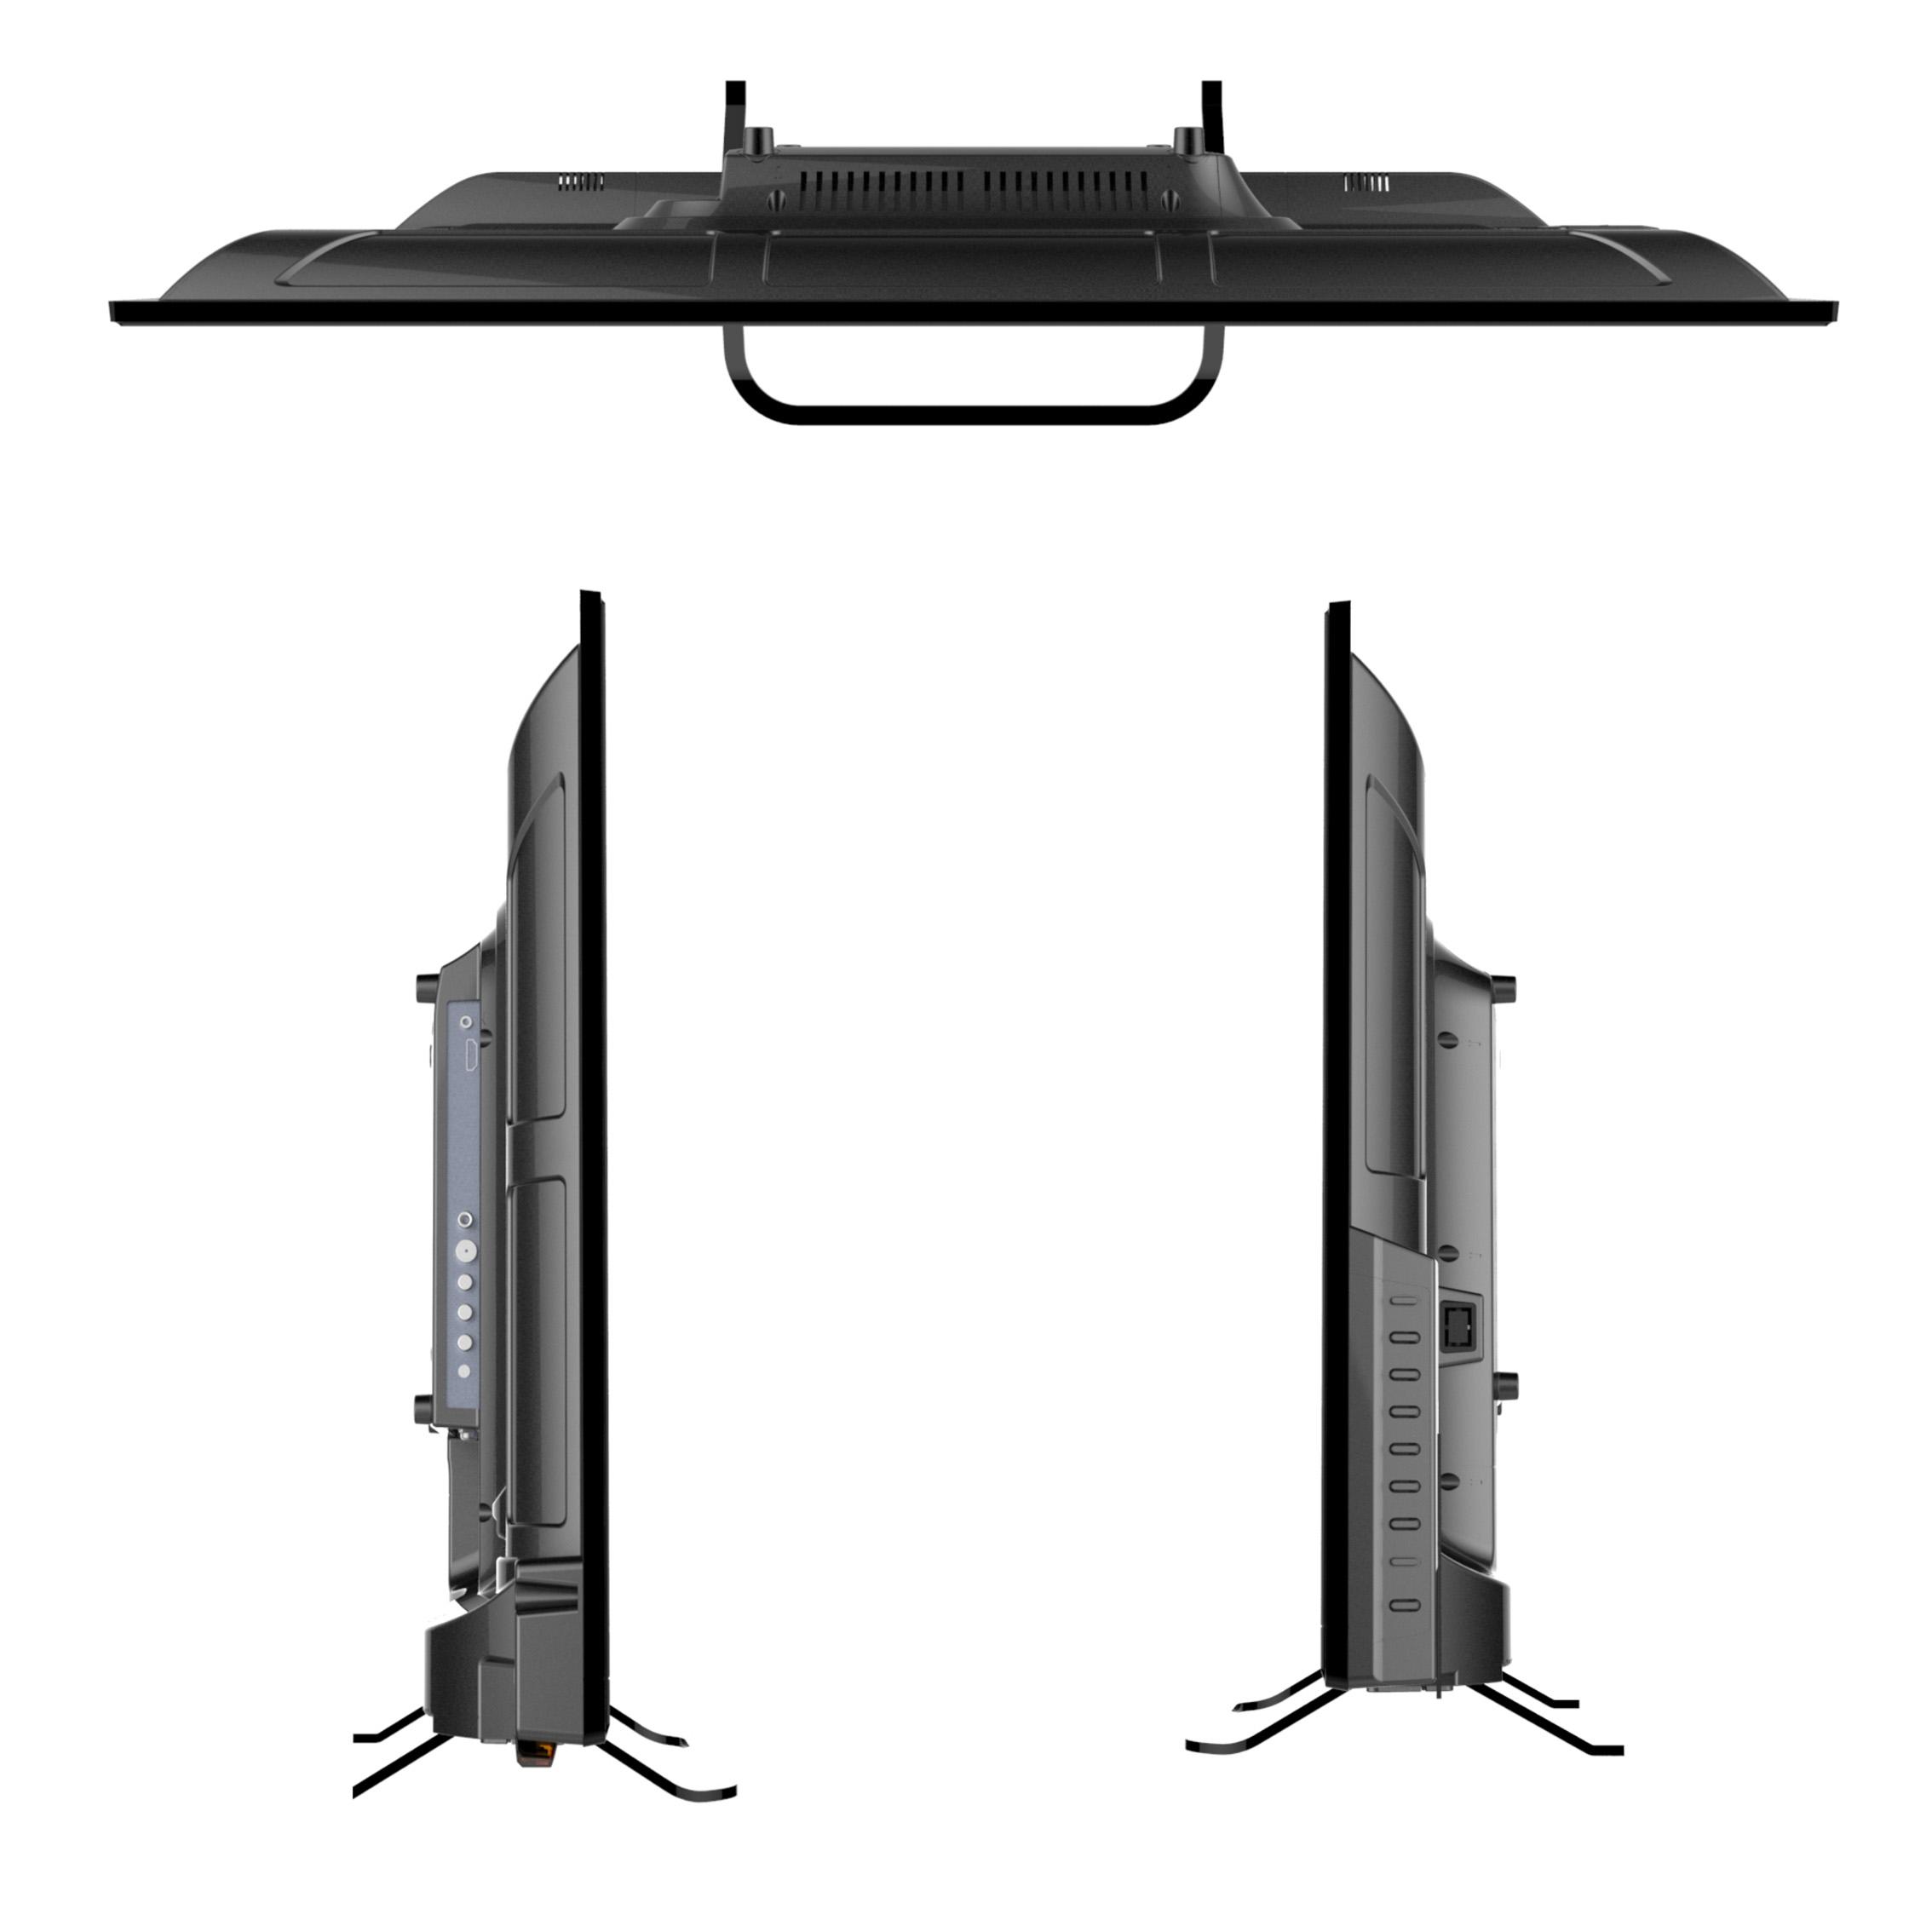 2020 настраиваемый продукт, оптовая продажа, новейшая популярная конкурентоспособная модель Smart 4K UHD LED TV